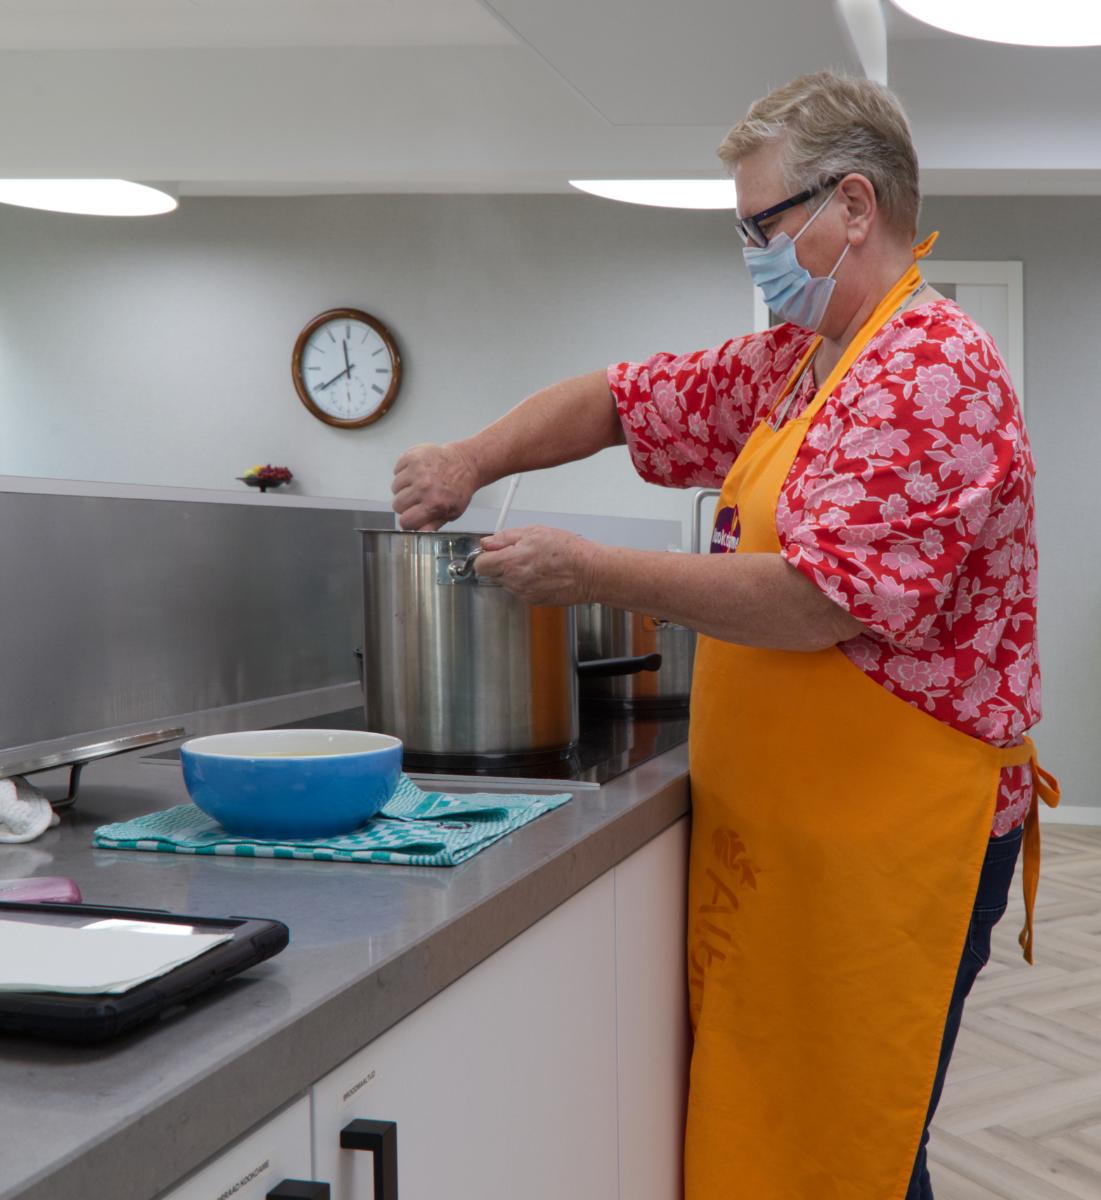 De kok bereidt de maaltijd